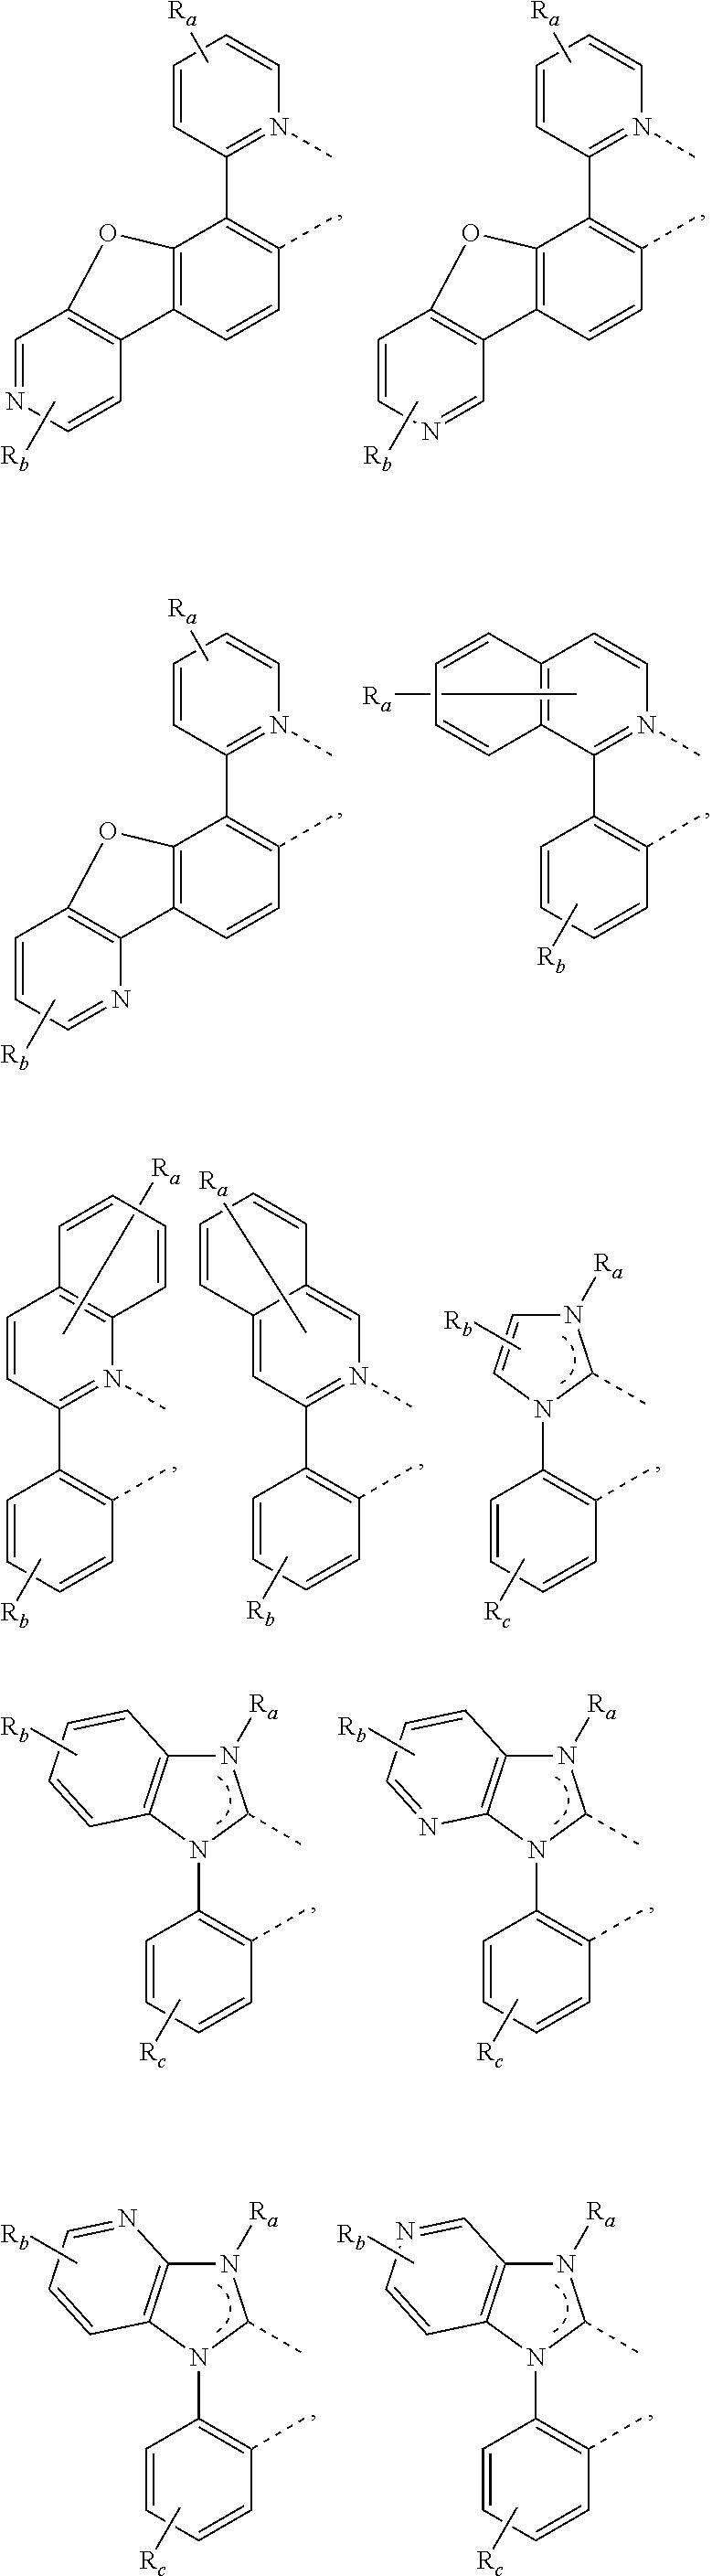 Figure US09876173-20180123-C00019